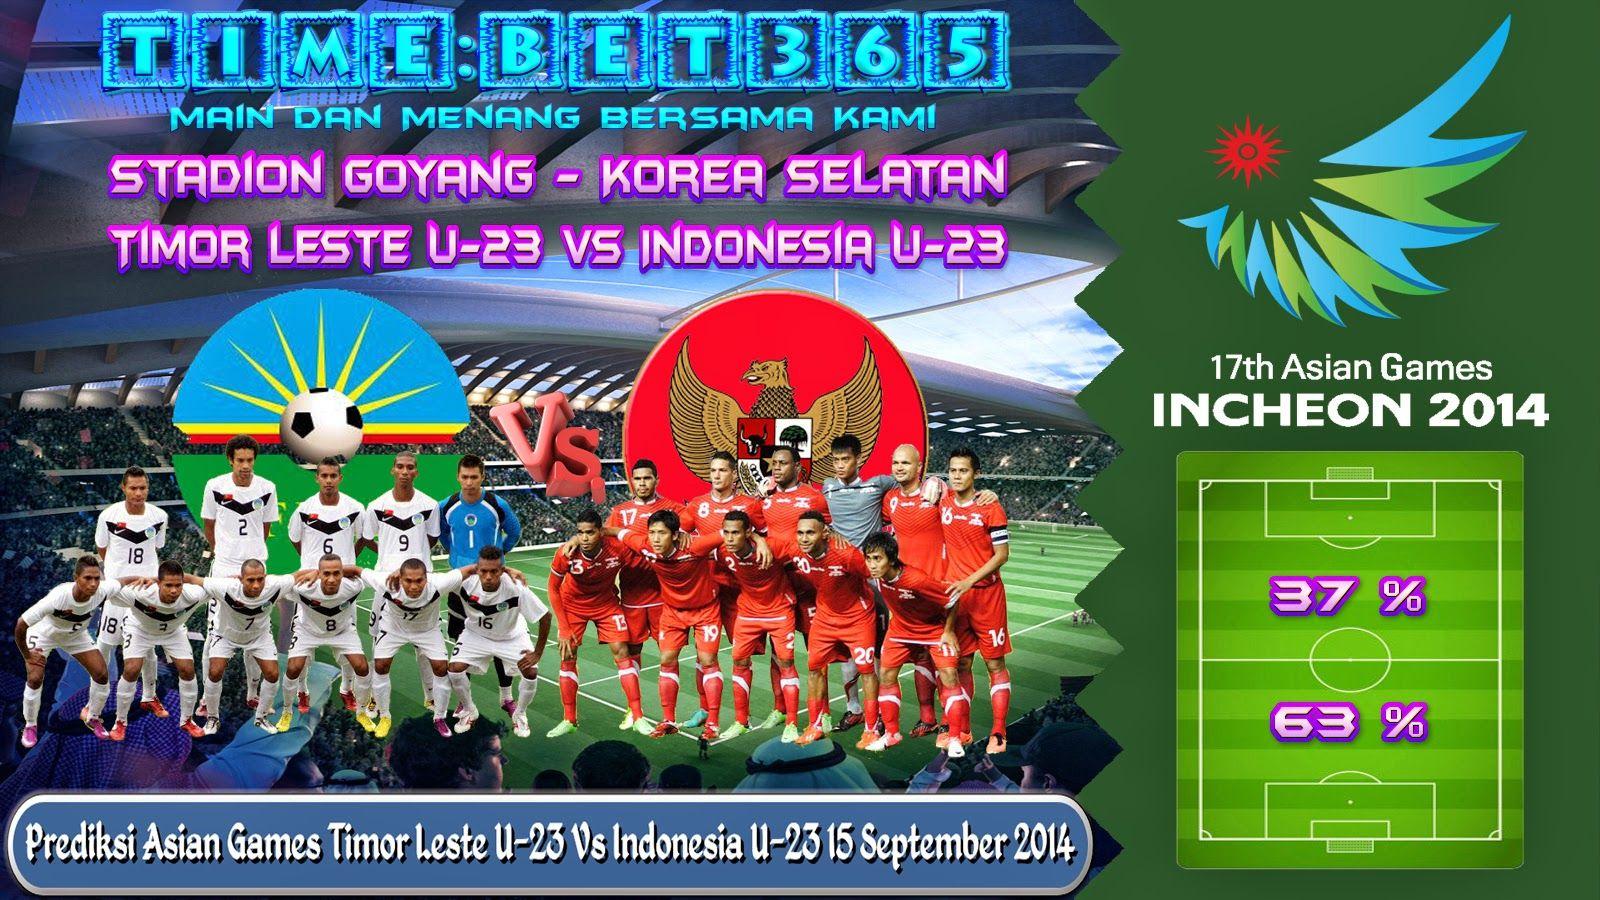 Prediksi Asian Games Timor Leste U23 Vs Indonesia U23 15